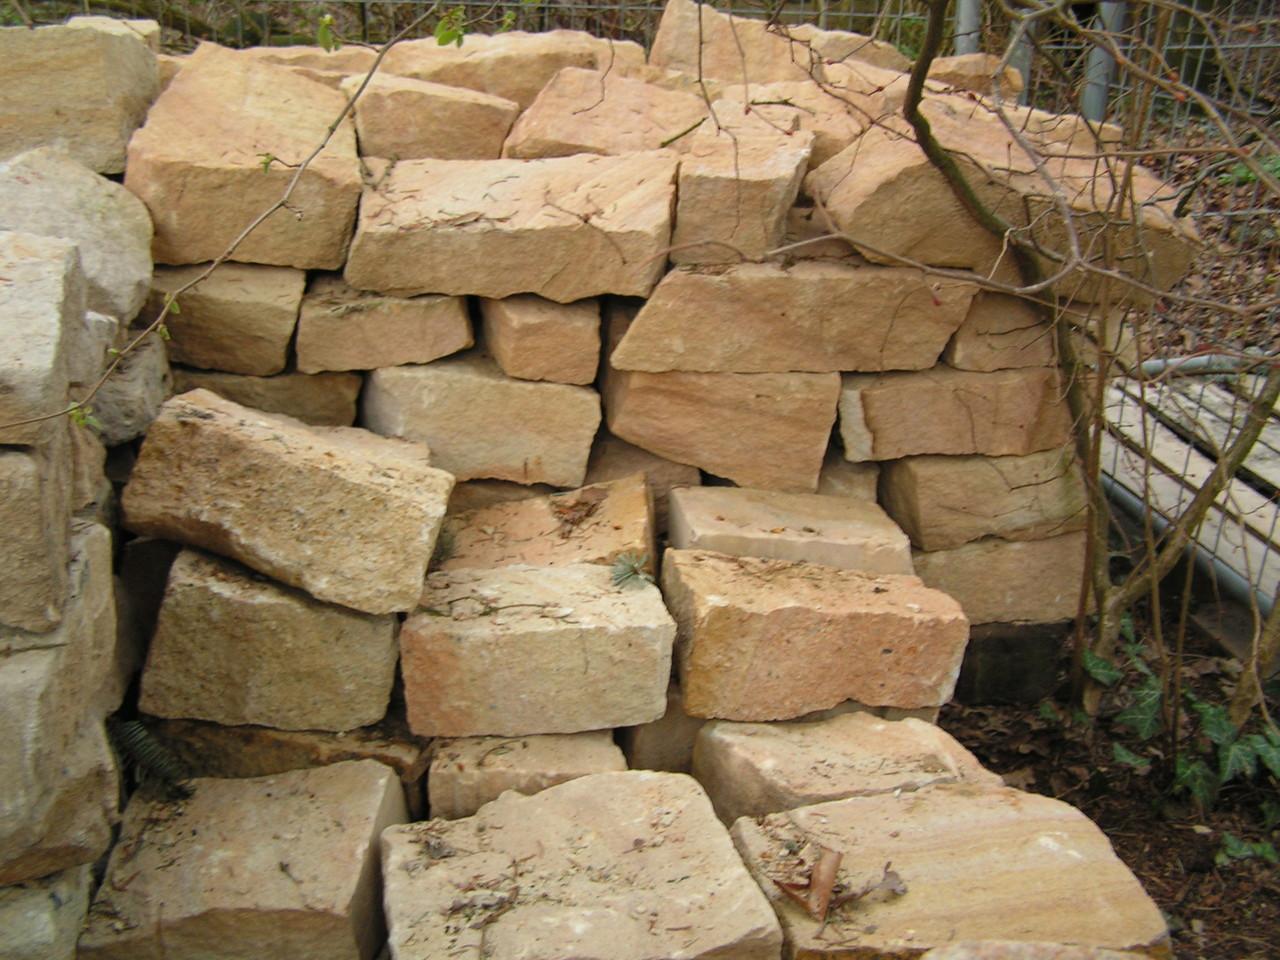 mauersetzsteine hammerrechte steine sandsteinformbrocken behauene steine stonesandmore. Black Bedroom Furniture Sets. Home Design Ideas